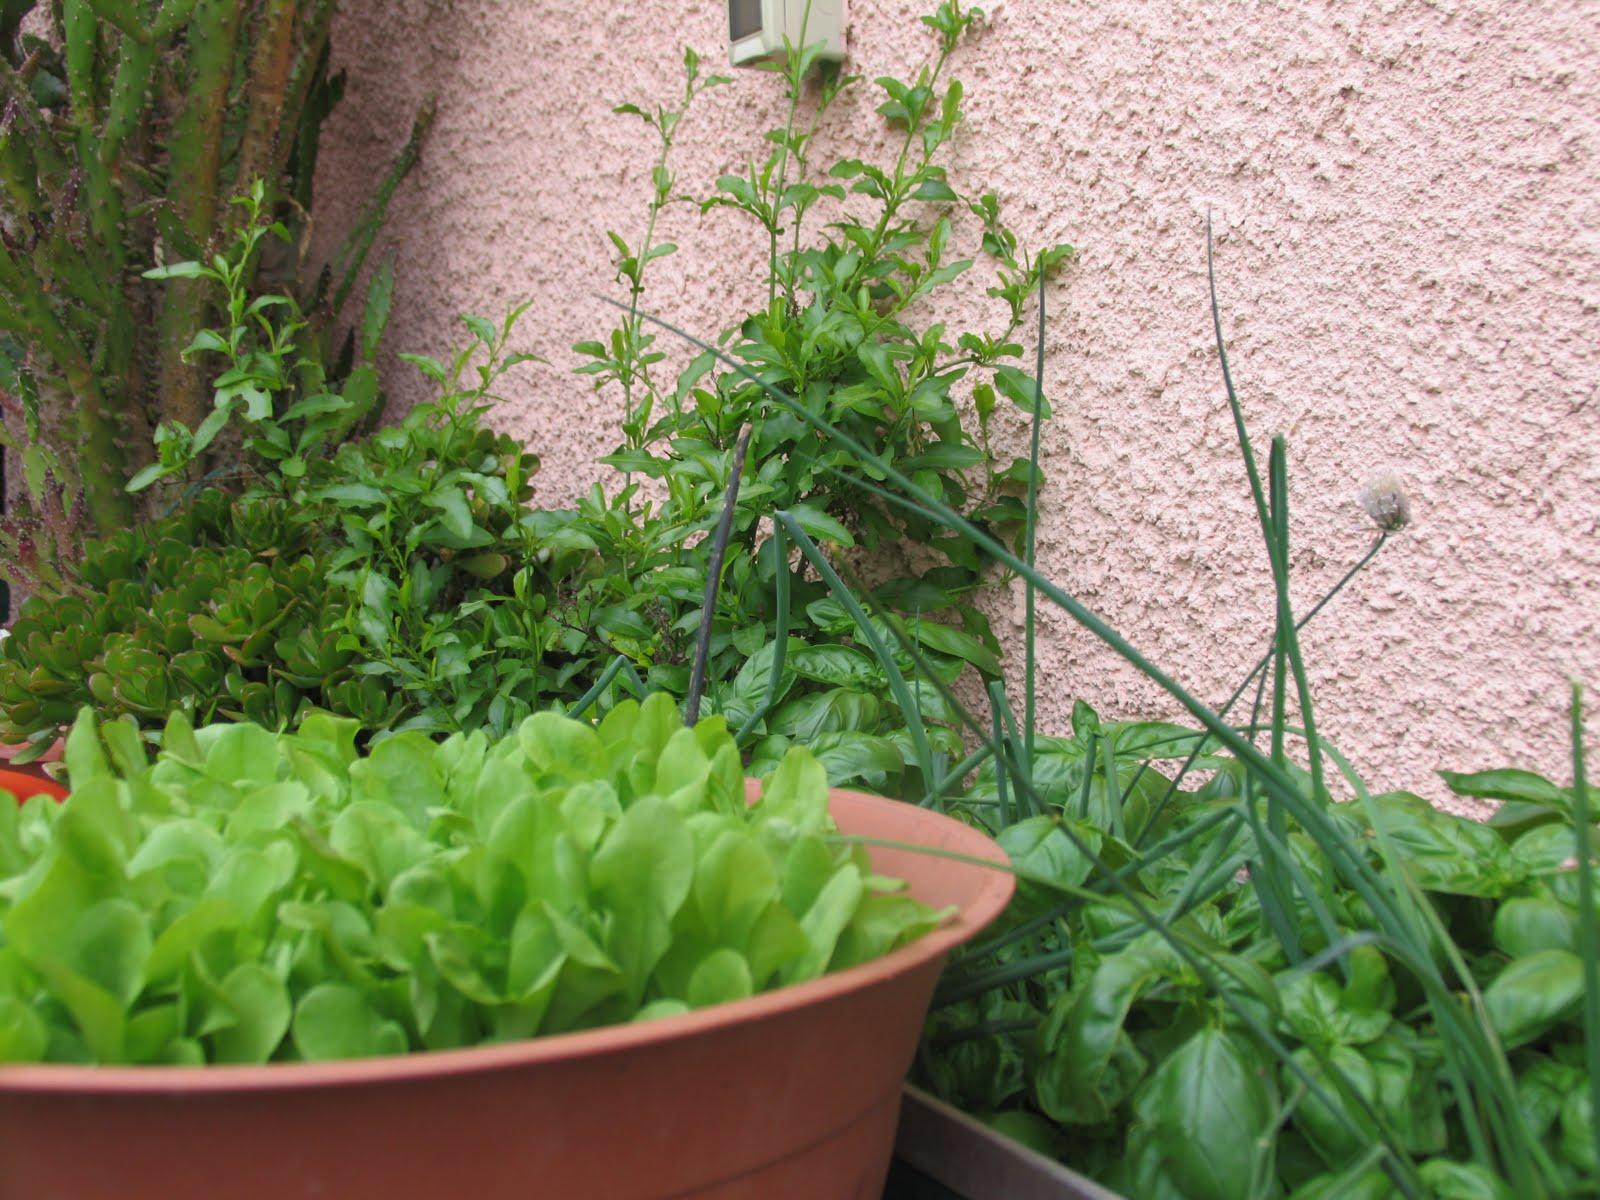 La magia di un piccolo orto lavori di inizio maggio for Coltivazione basilico in vaso